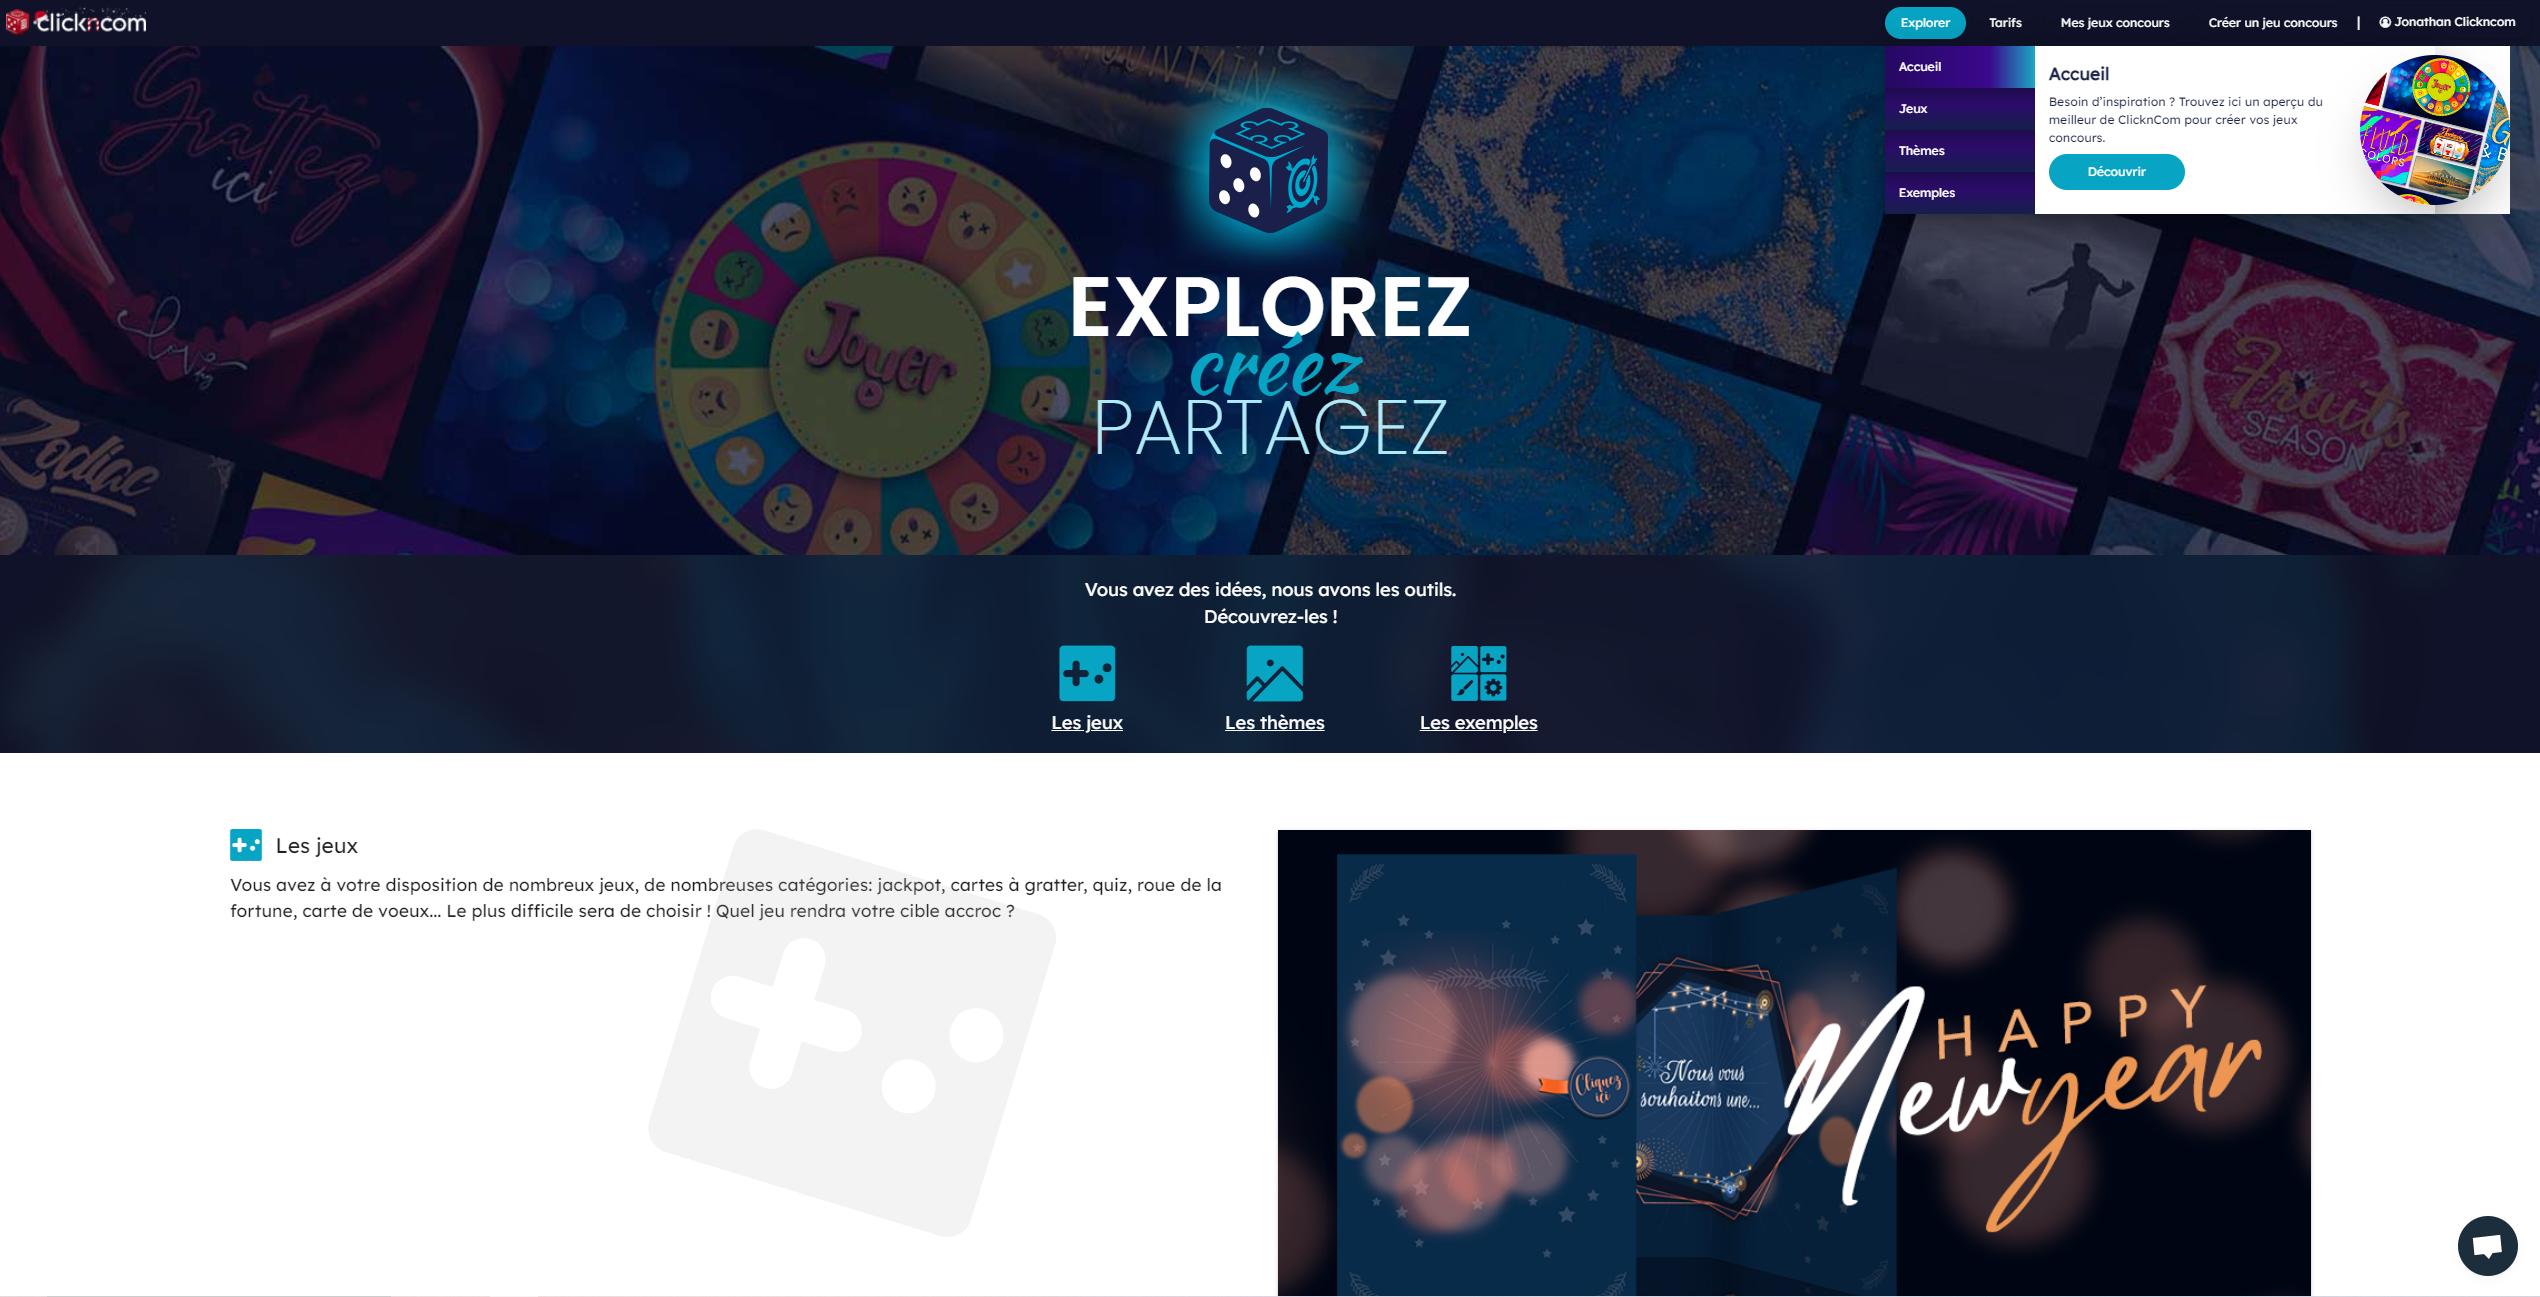 Clickncom Une Solution De Creation De Jeux Concours Pour Tous Vos Objectifs Marketing Bdm